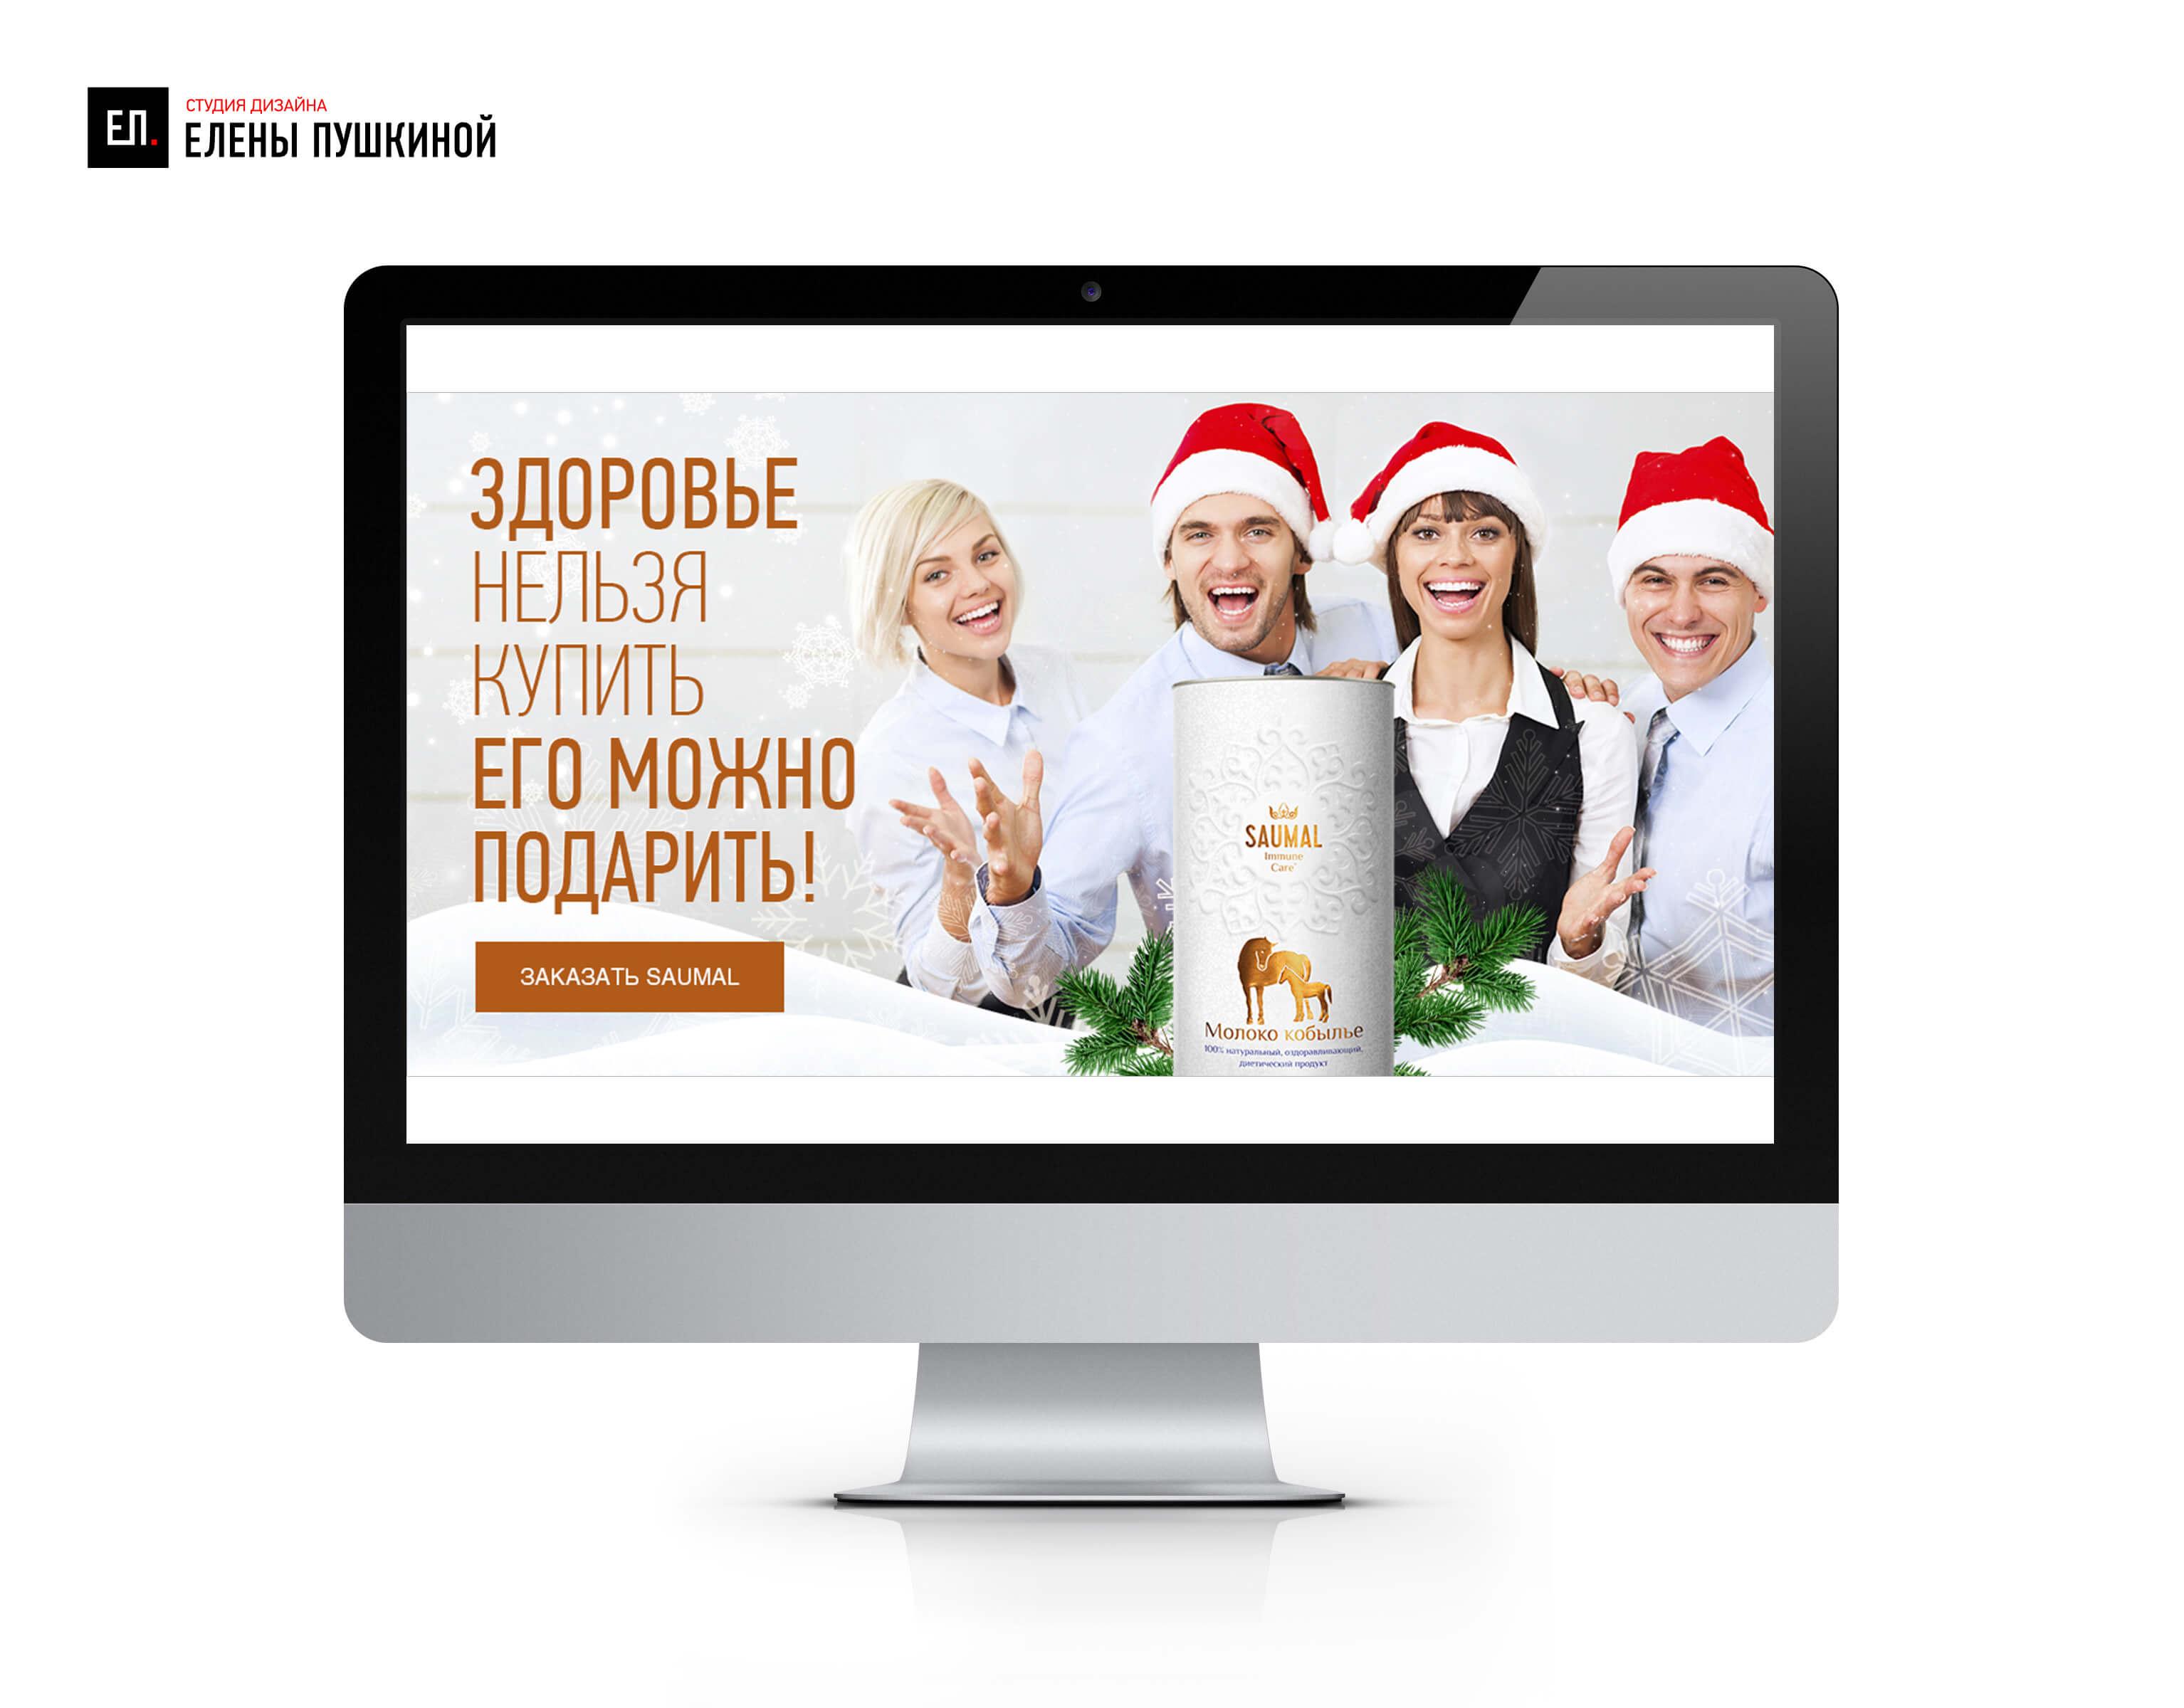 Веб-баннер НГ 2019 №2 дляРК производителя кобыльего молока «SAUMAL»— разработка дизайна баннера Баннеры для сайта Портфолио